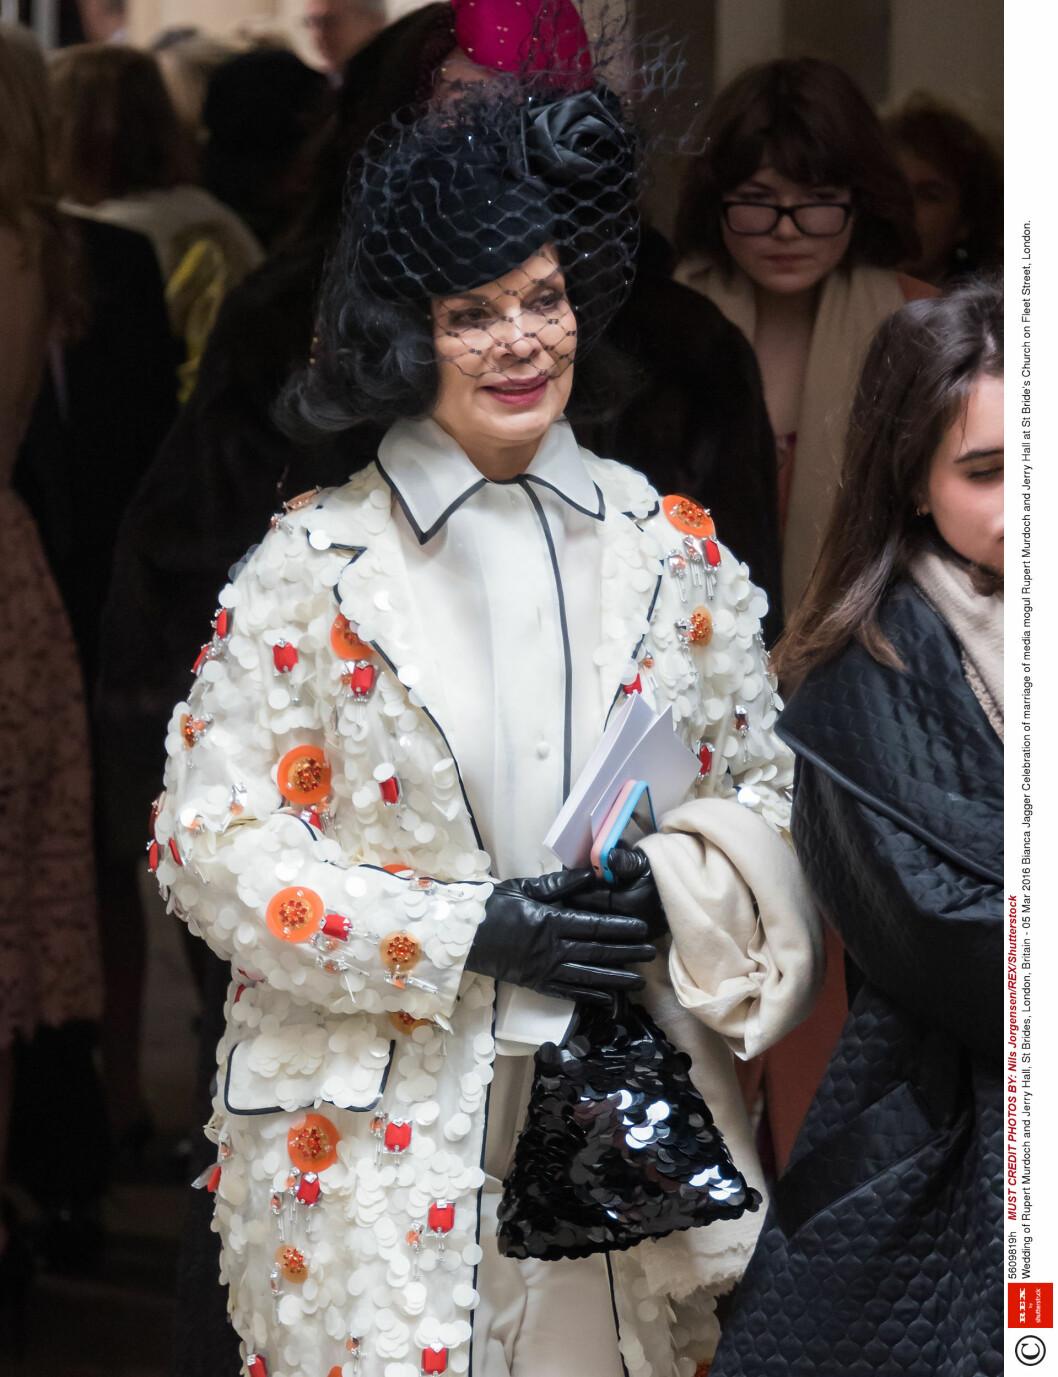 <strong>GODE VENNER:</strong> Bianca Jagger, som var gift med Mick Jagger før Jerry, var også tilstede i kirkebryllupet lørdag.  Foto: Rex Features